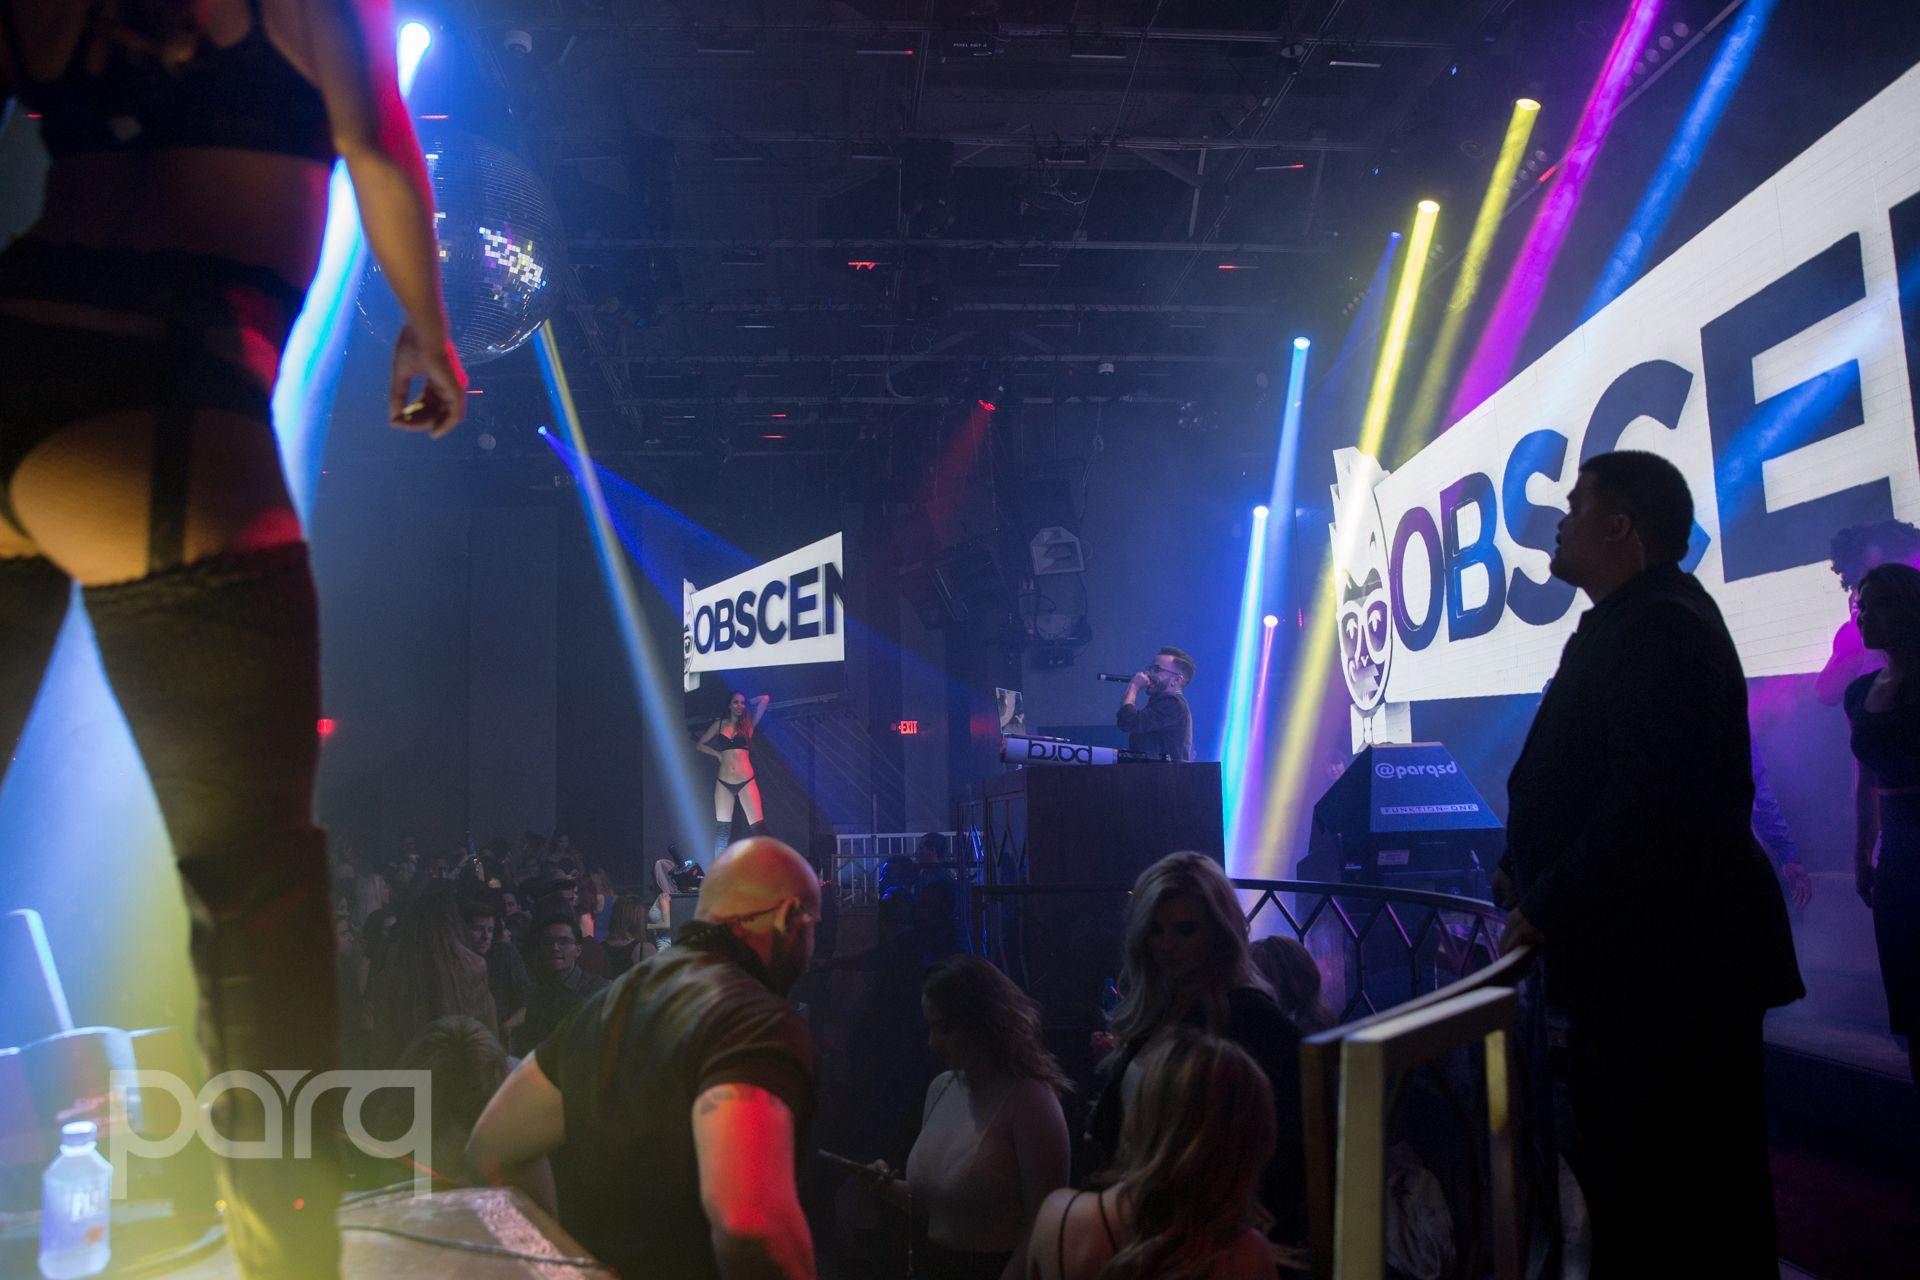 San-Diego-Nightclub-DJ Obscene-1.jpg